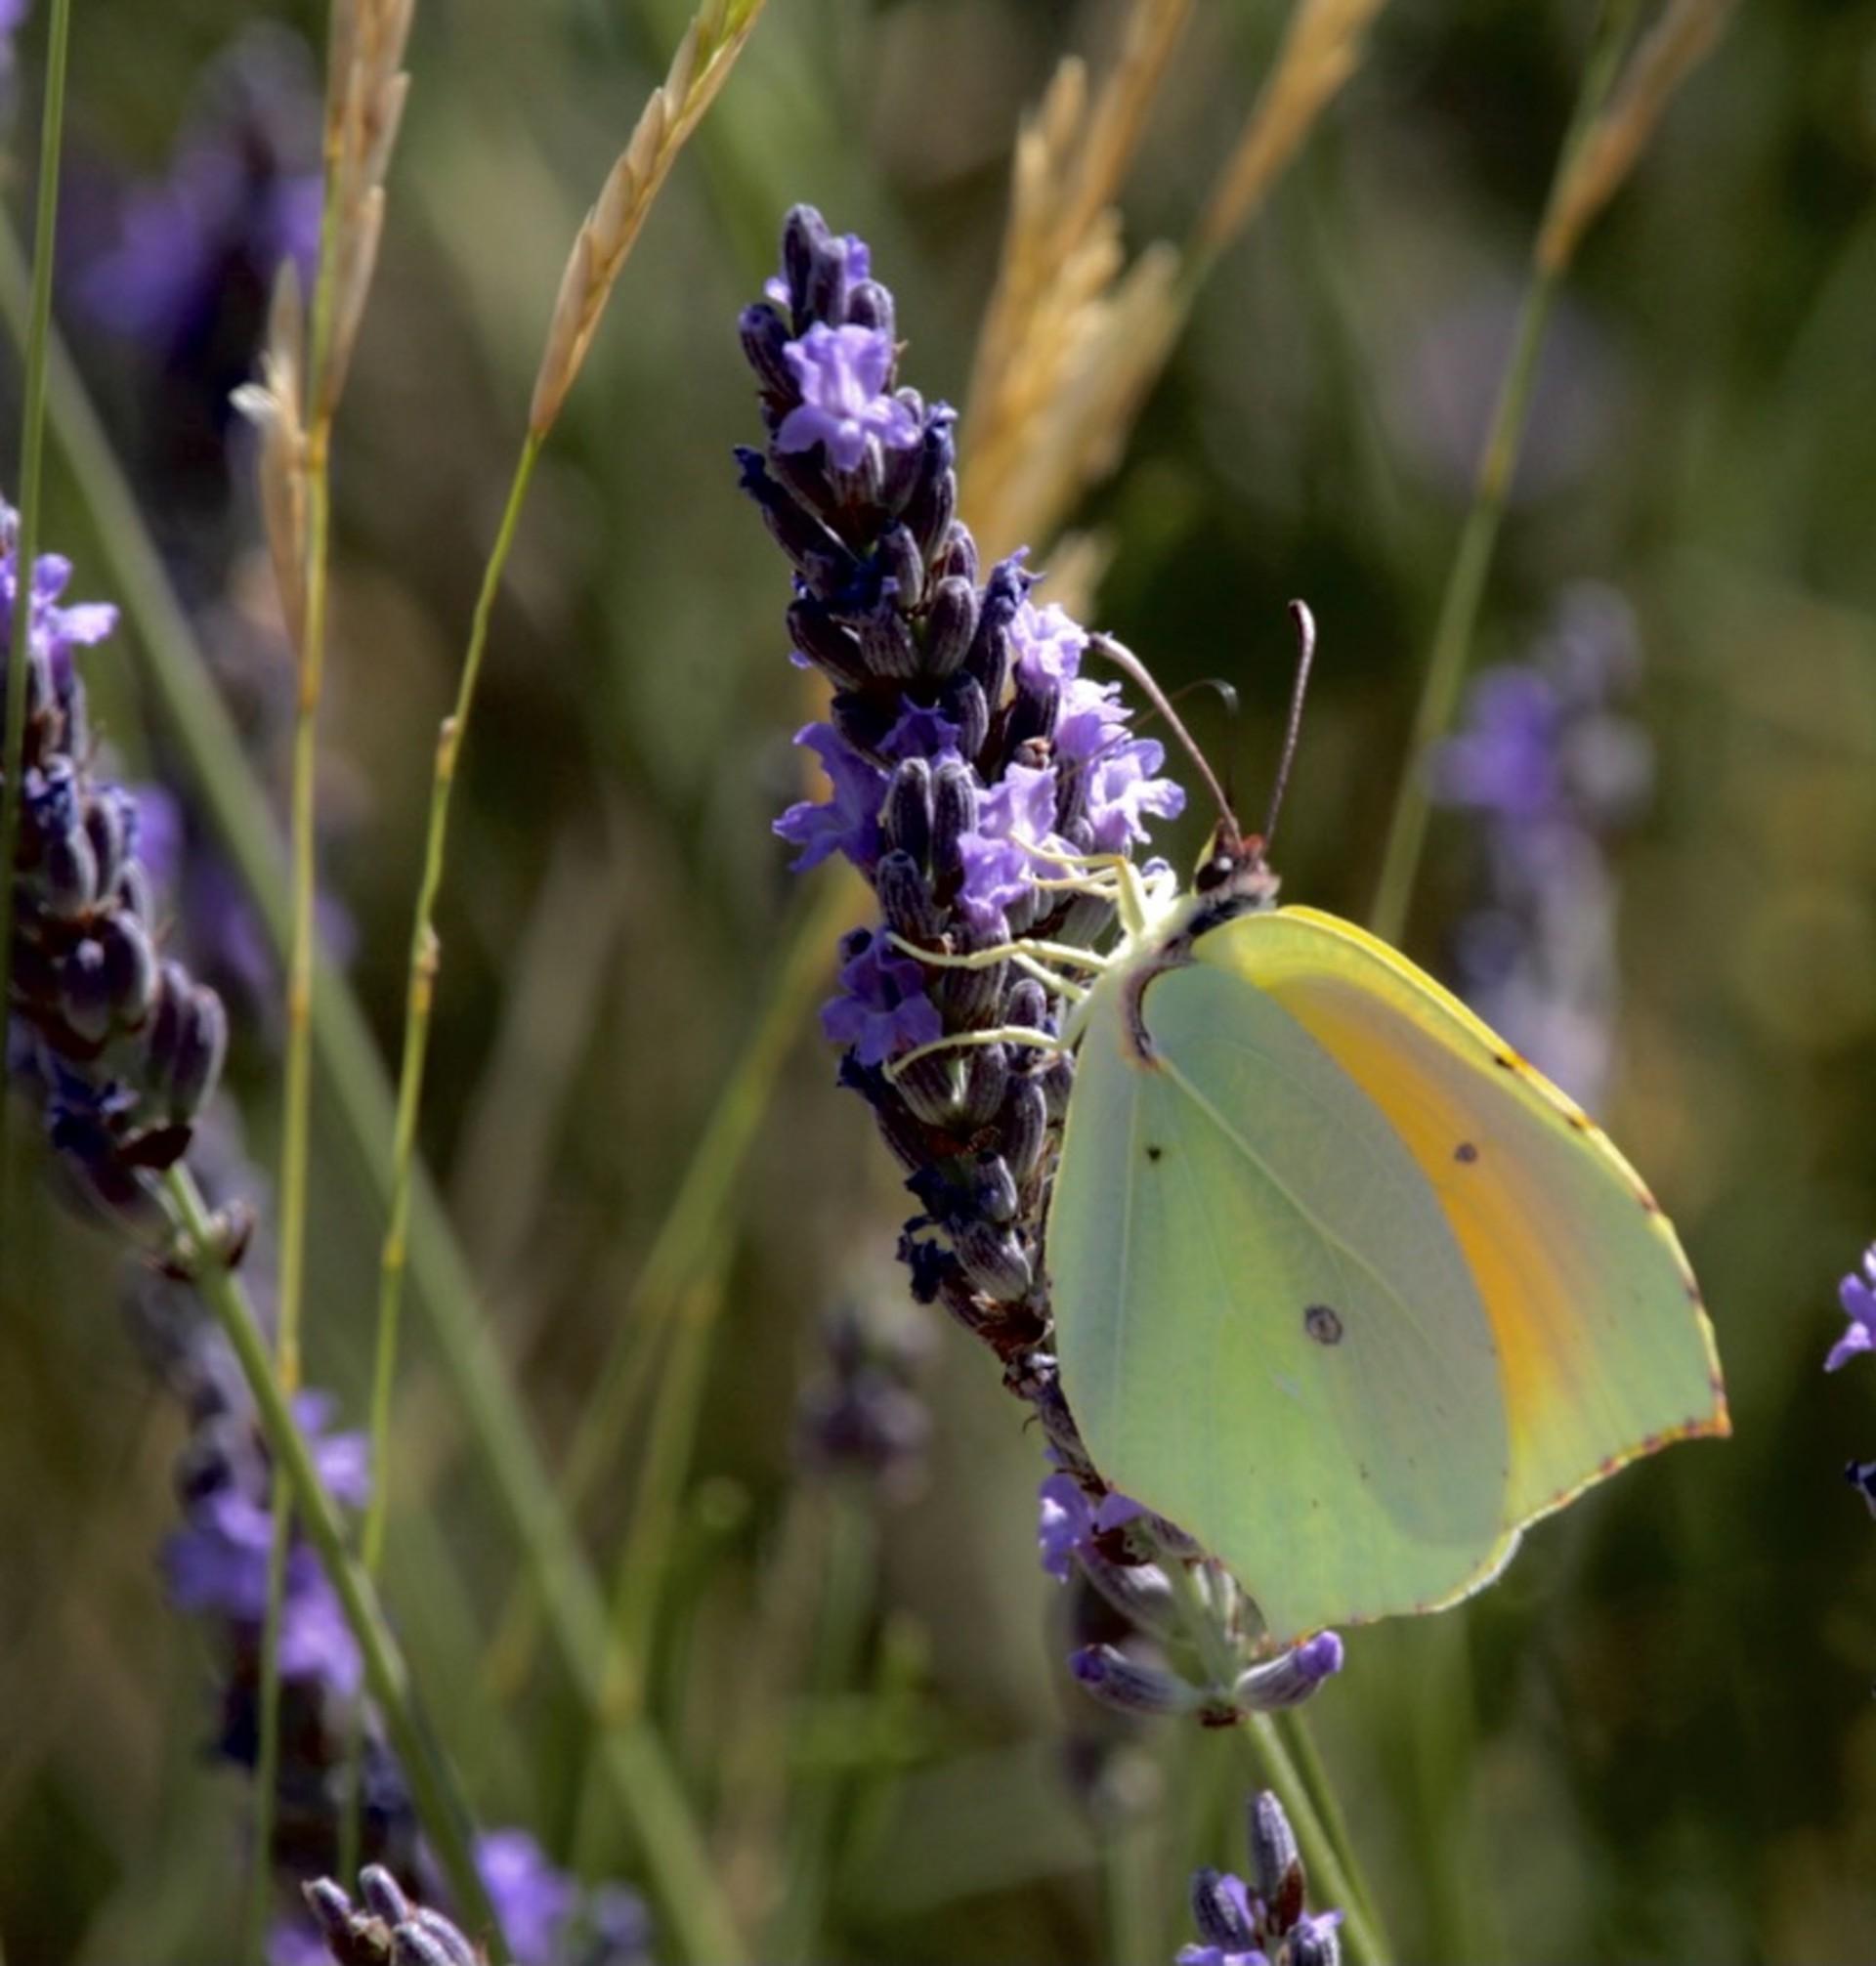 Na foto de Demitri Túlio, uma borboleta em um campo de lavandas, na região do Loire, França, no verão de 2013 (Foto: DEMITRI TÚLIO)